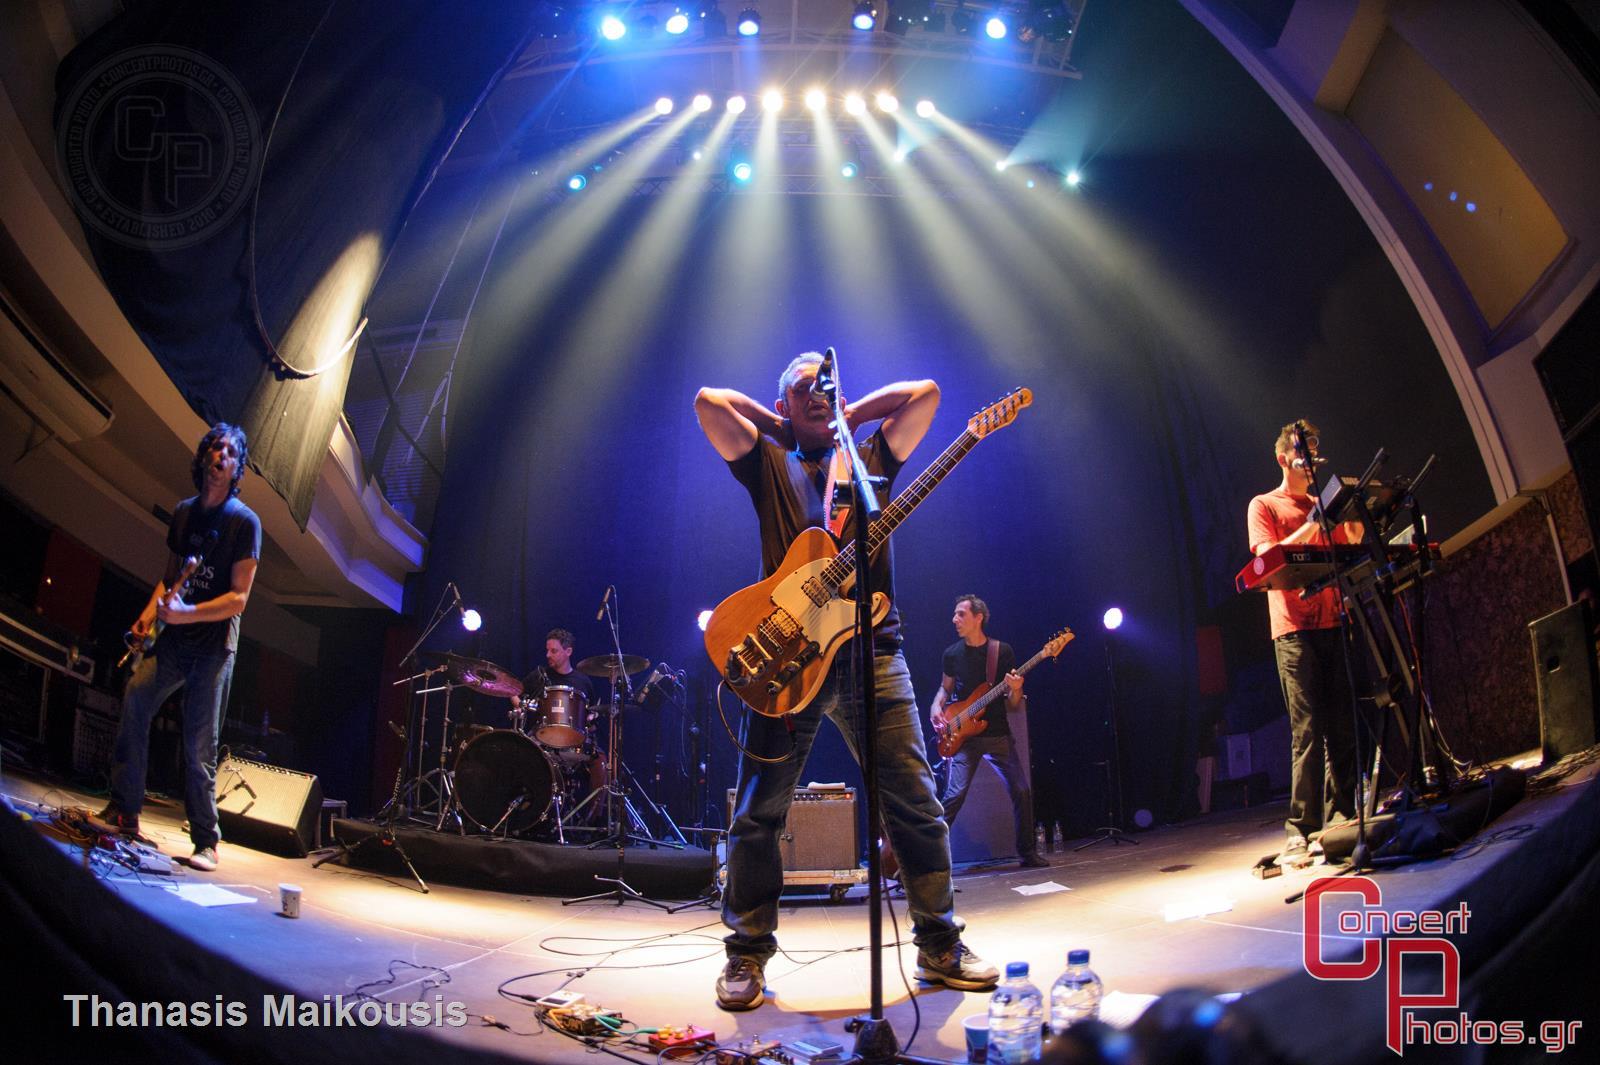 Παύλος Παυλίδης-Pavlidis-stage-volume1 photographer: Thanasis Maikousis - concertphotos_20140611_22_48_03